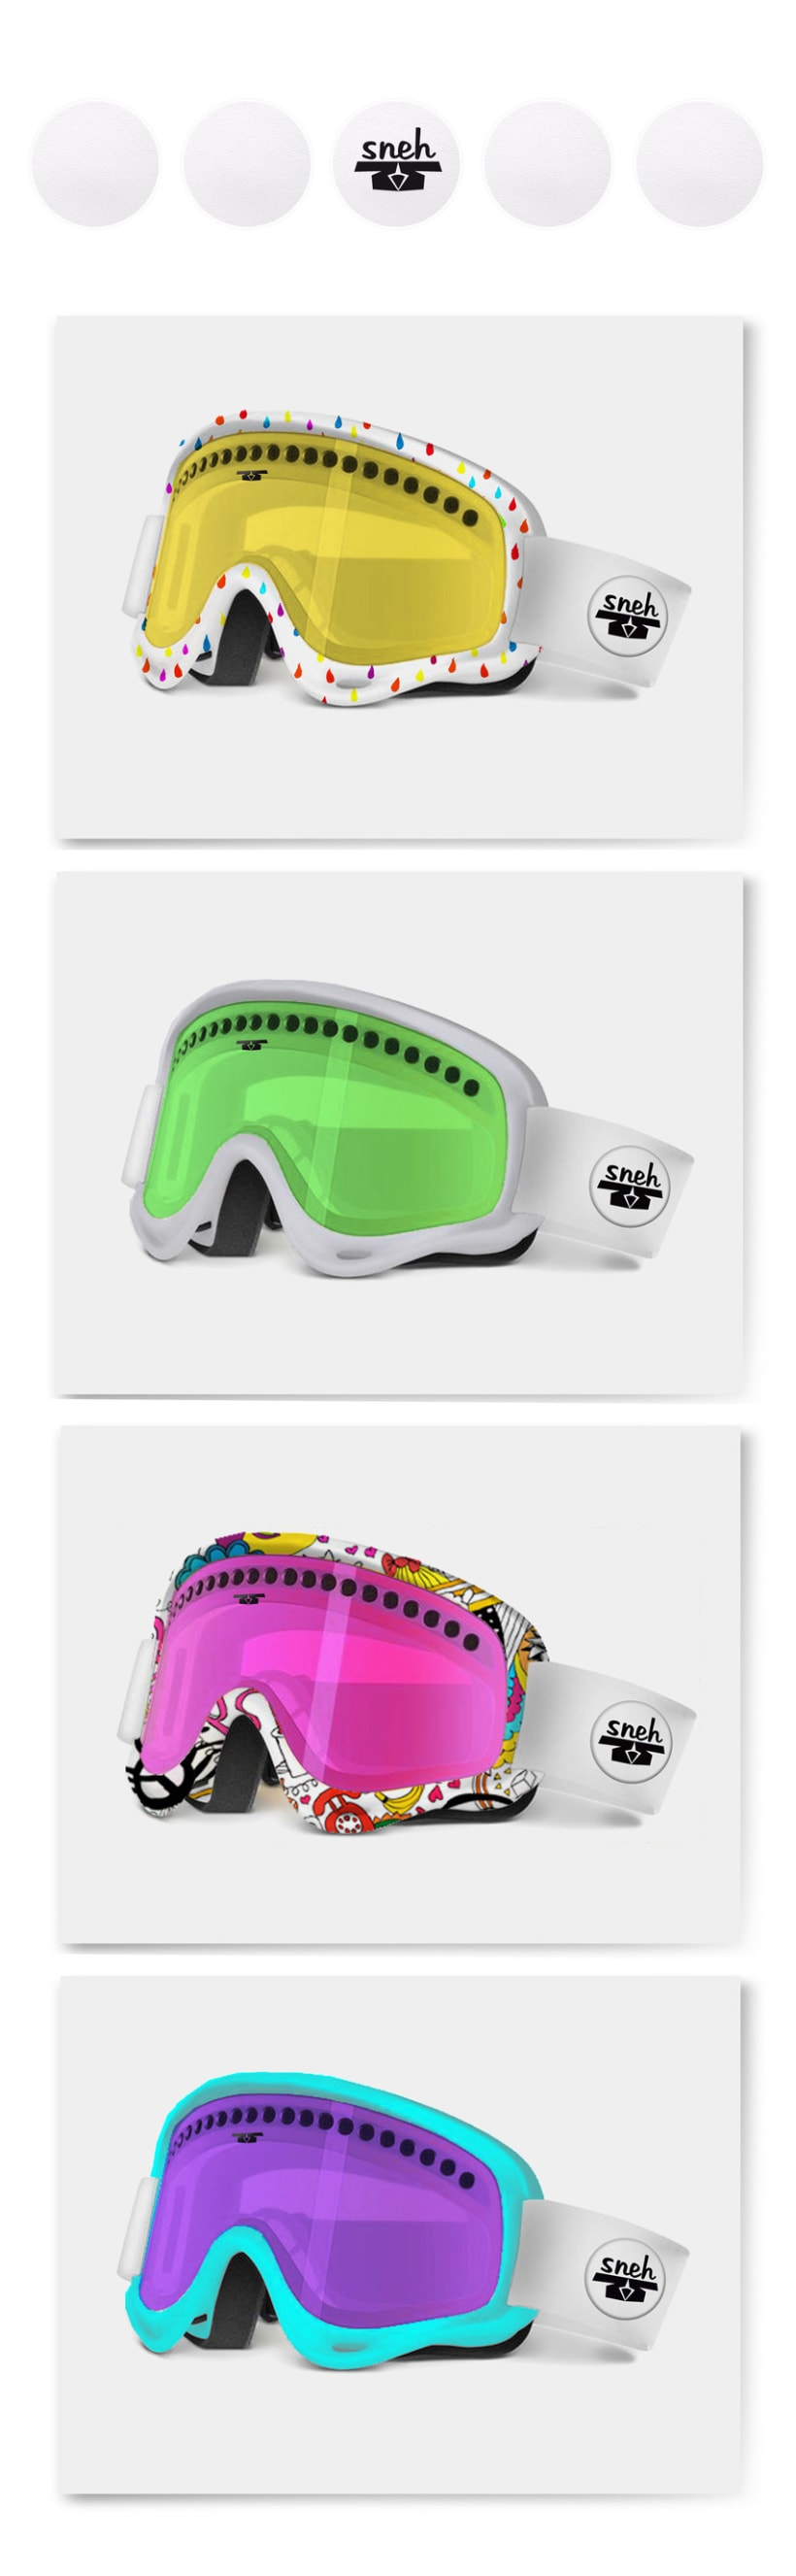 Marca de Snowboards 24